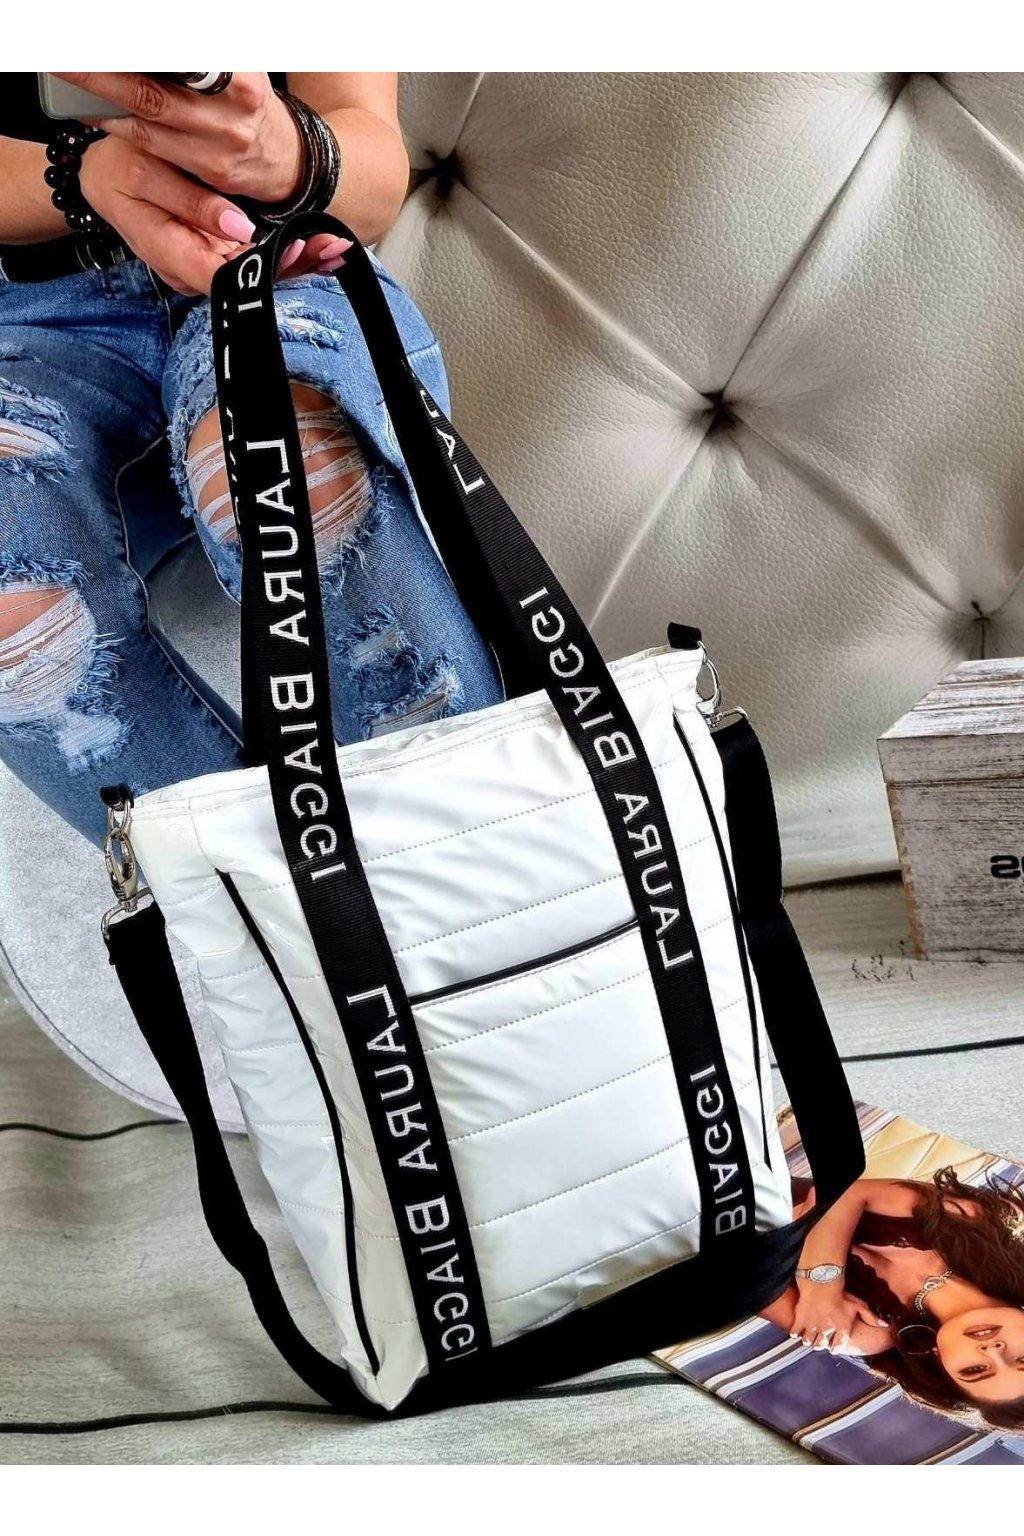 Laura Biaggi značková kabelka luxusní trendy černobílá exklusive top design sportovní